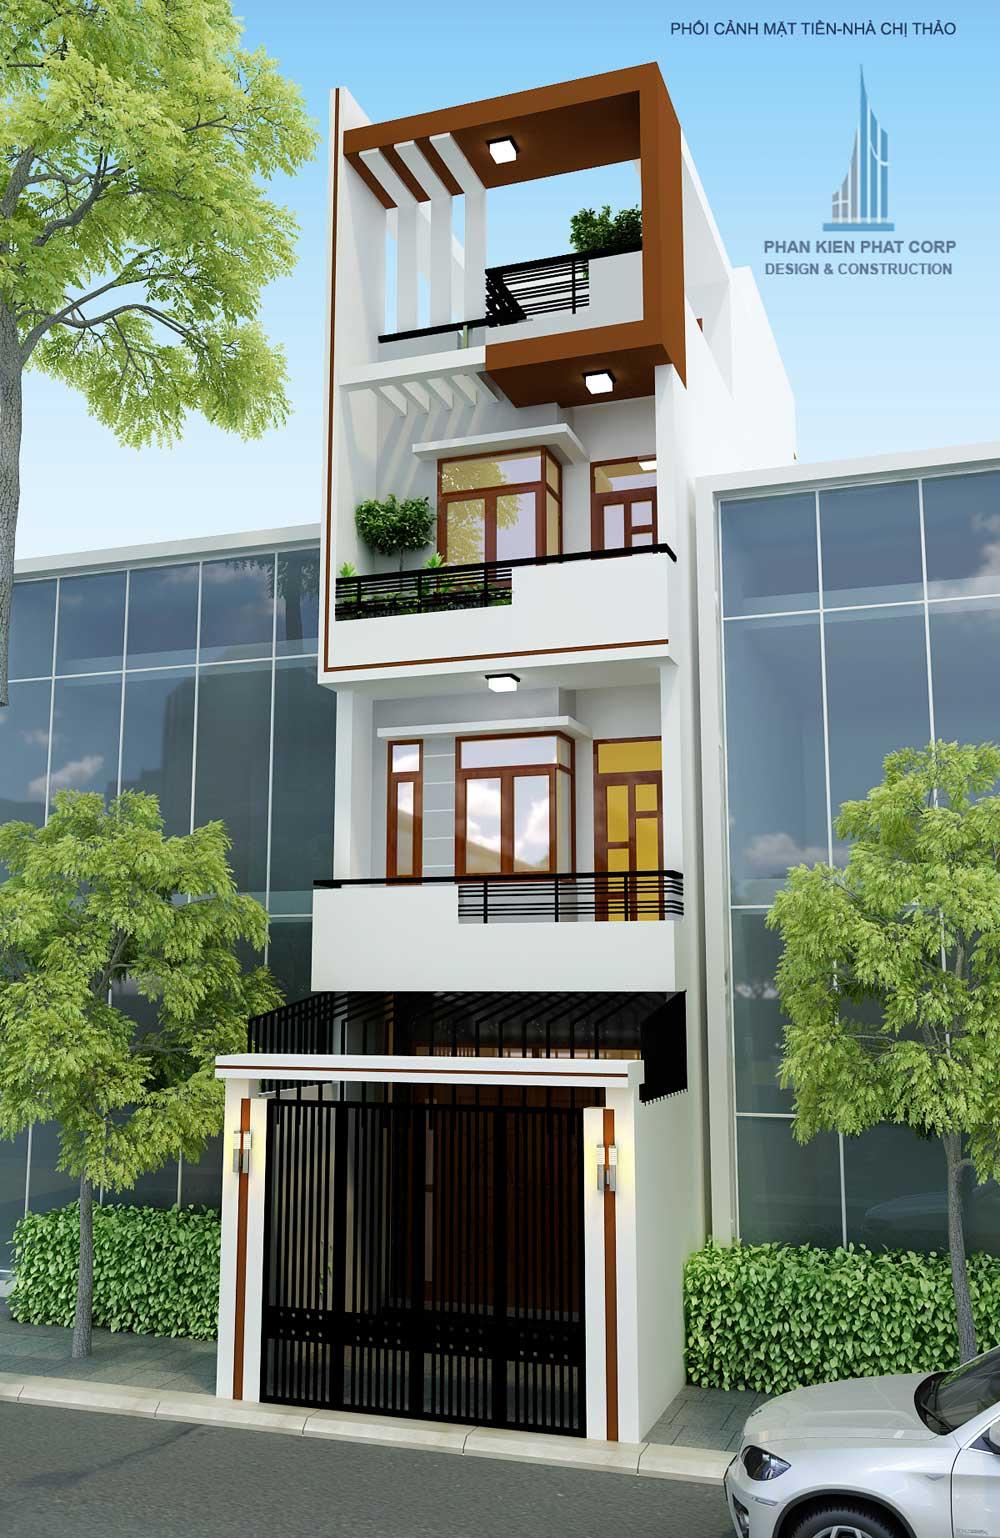 Thiết kế nhà 4 tầng mặt phố hiện đại